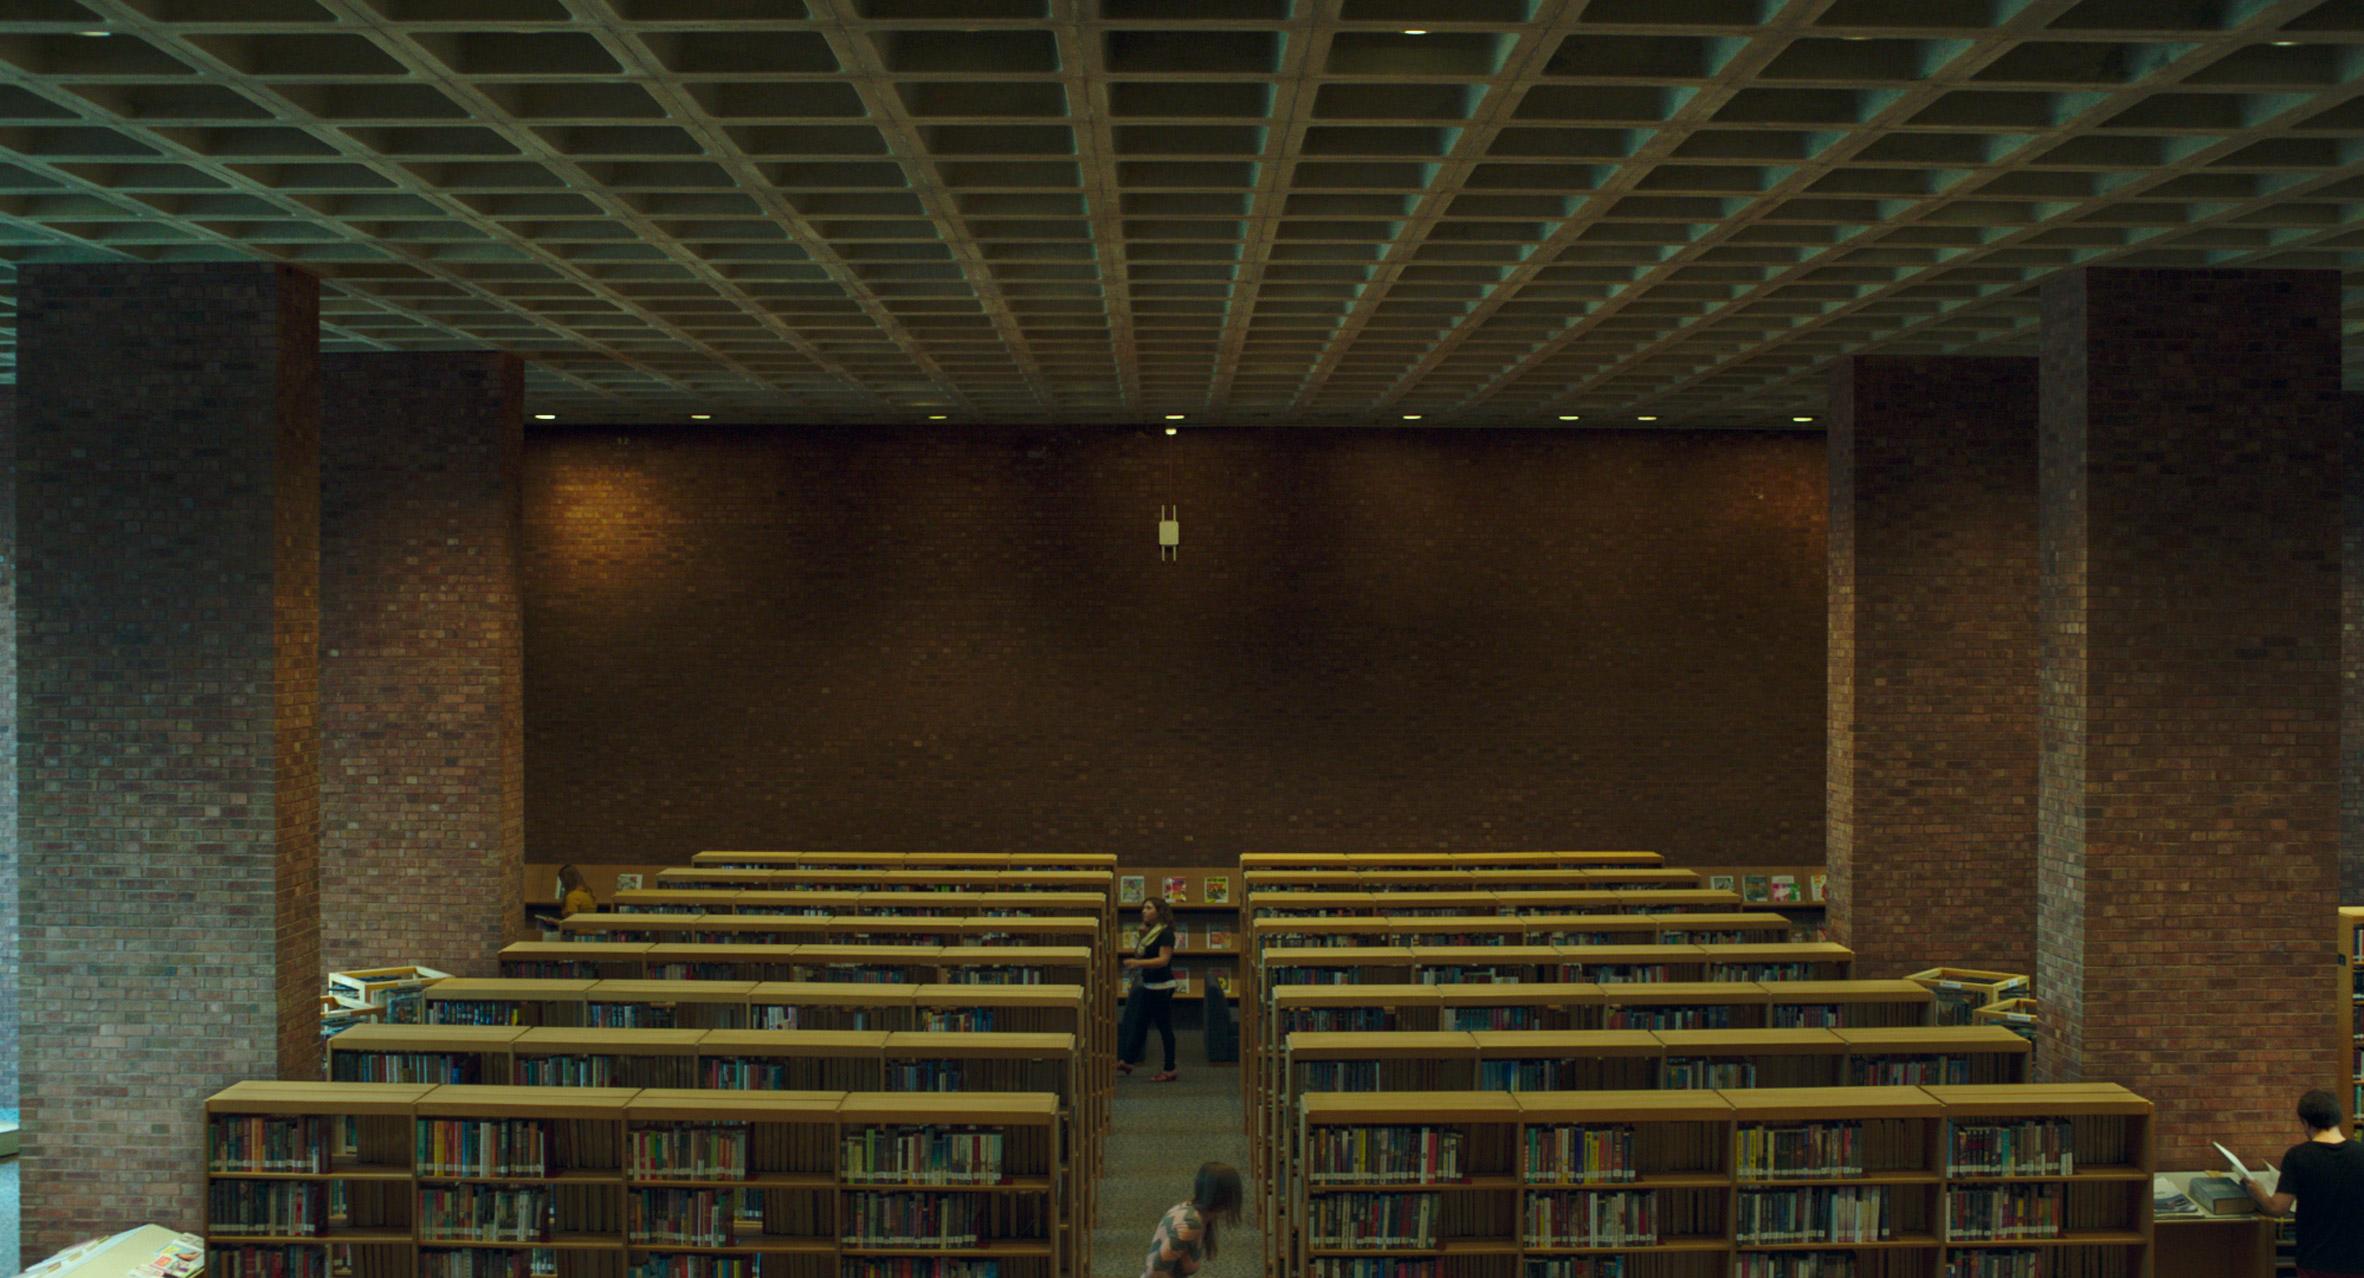 Stills from Columbus movie by Kogonada